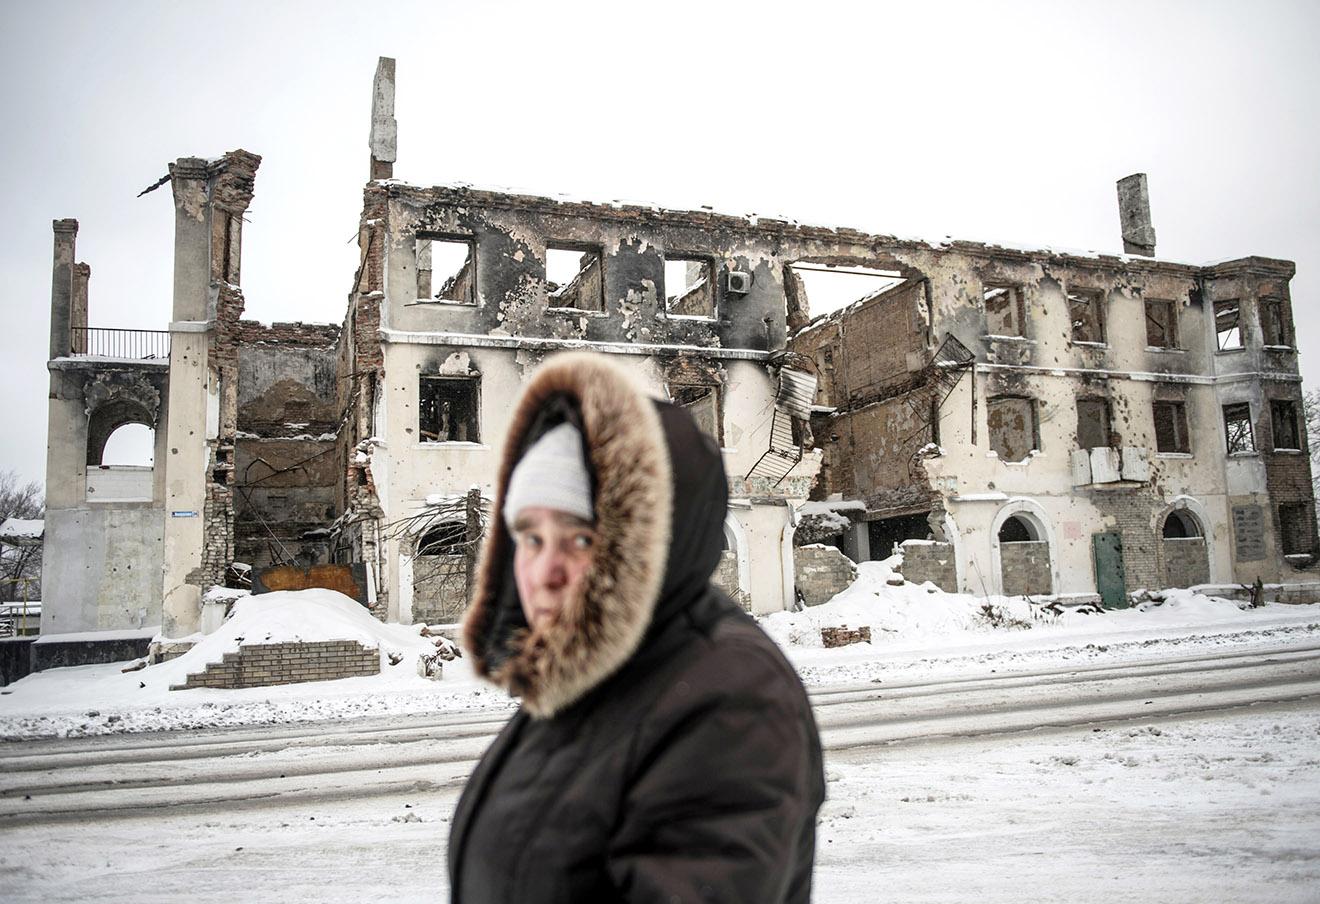 Жительница Углегорска у жилого дома, разрушенного в результате артобстрела, 9 января 2016 года.